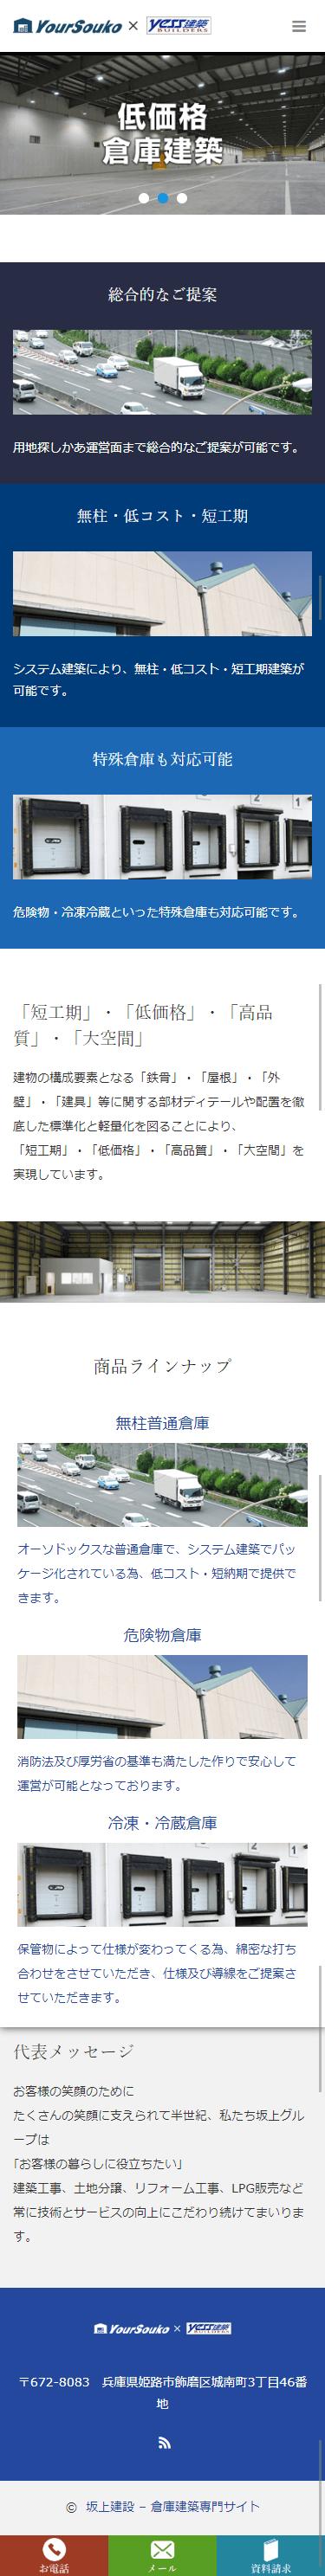 姫路市 坂上建設倉庫建築専門サイト ホームページ制作3